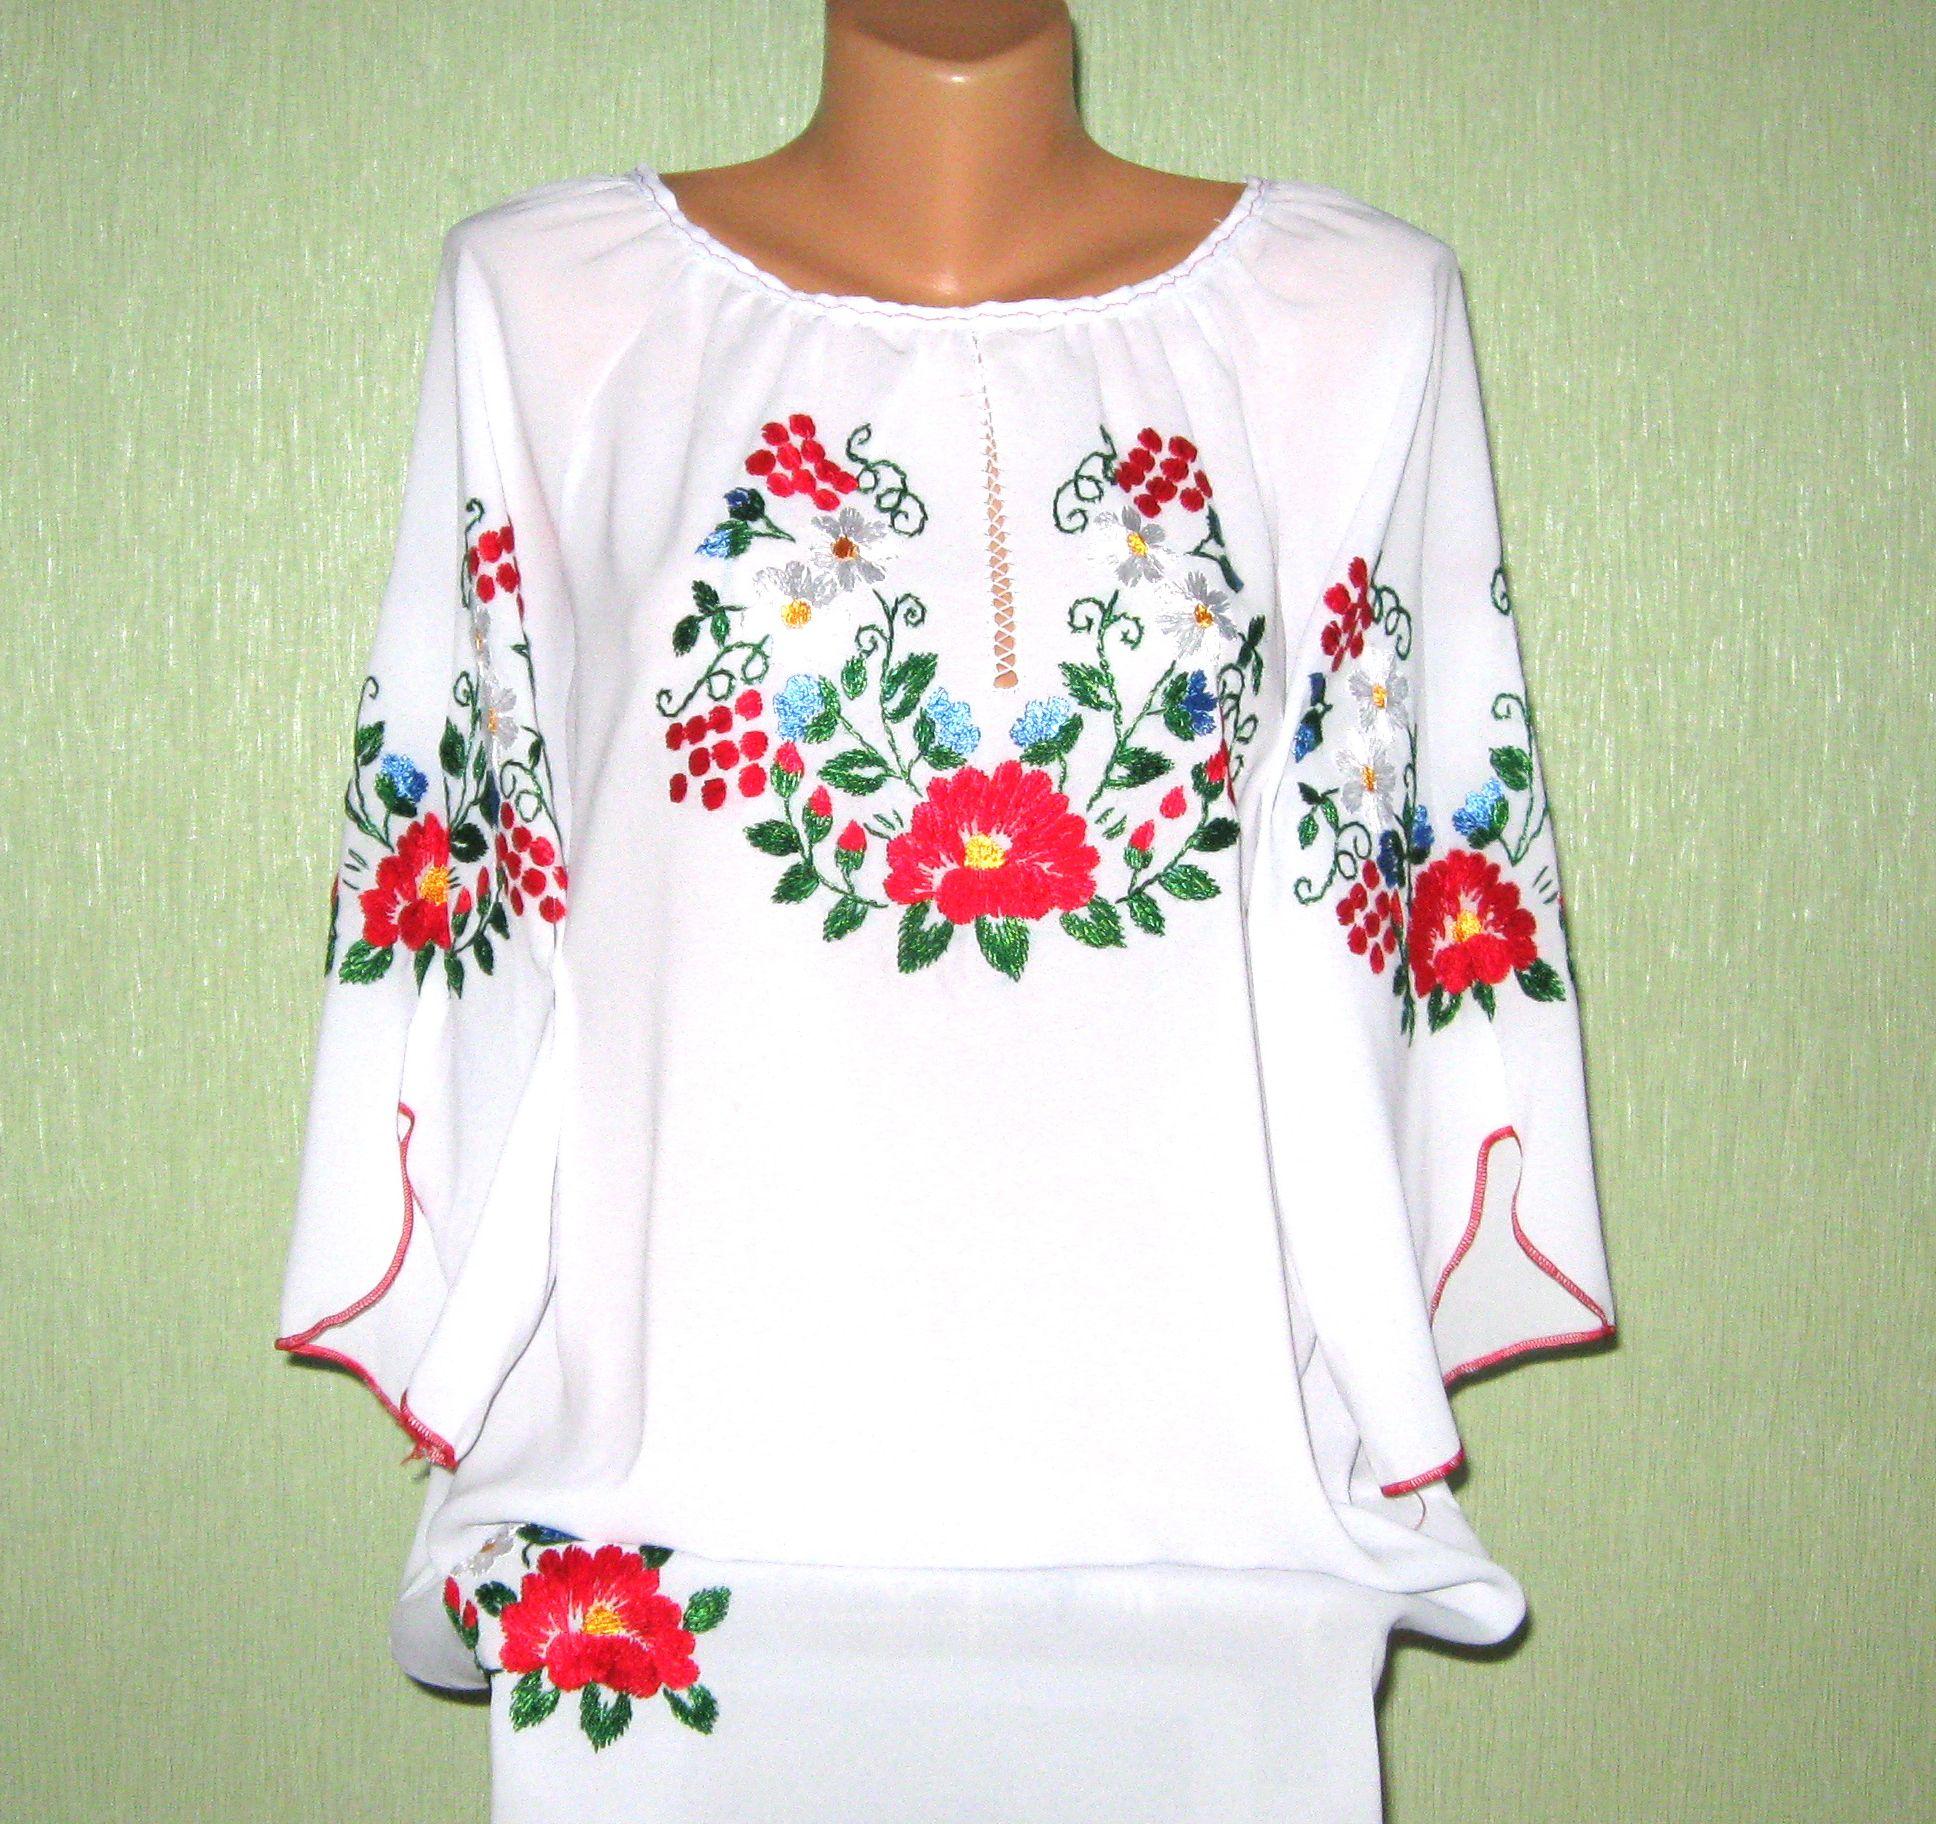 2ea30b3a5cb7ec Жіночі вишиванки ручної роботи від